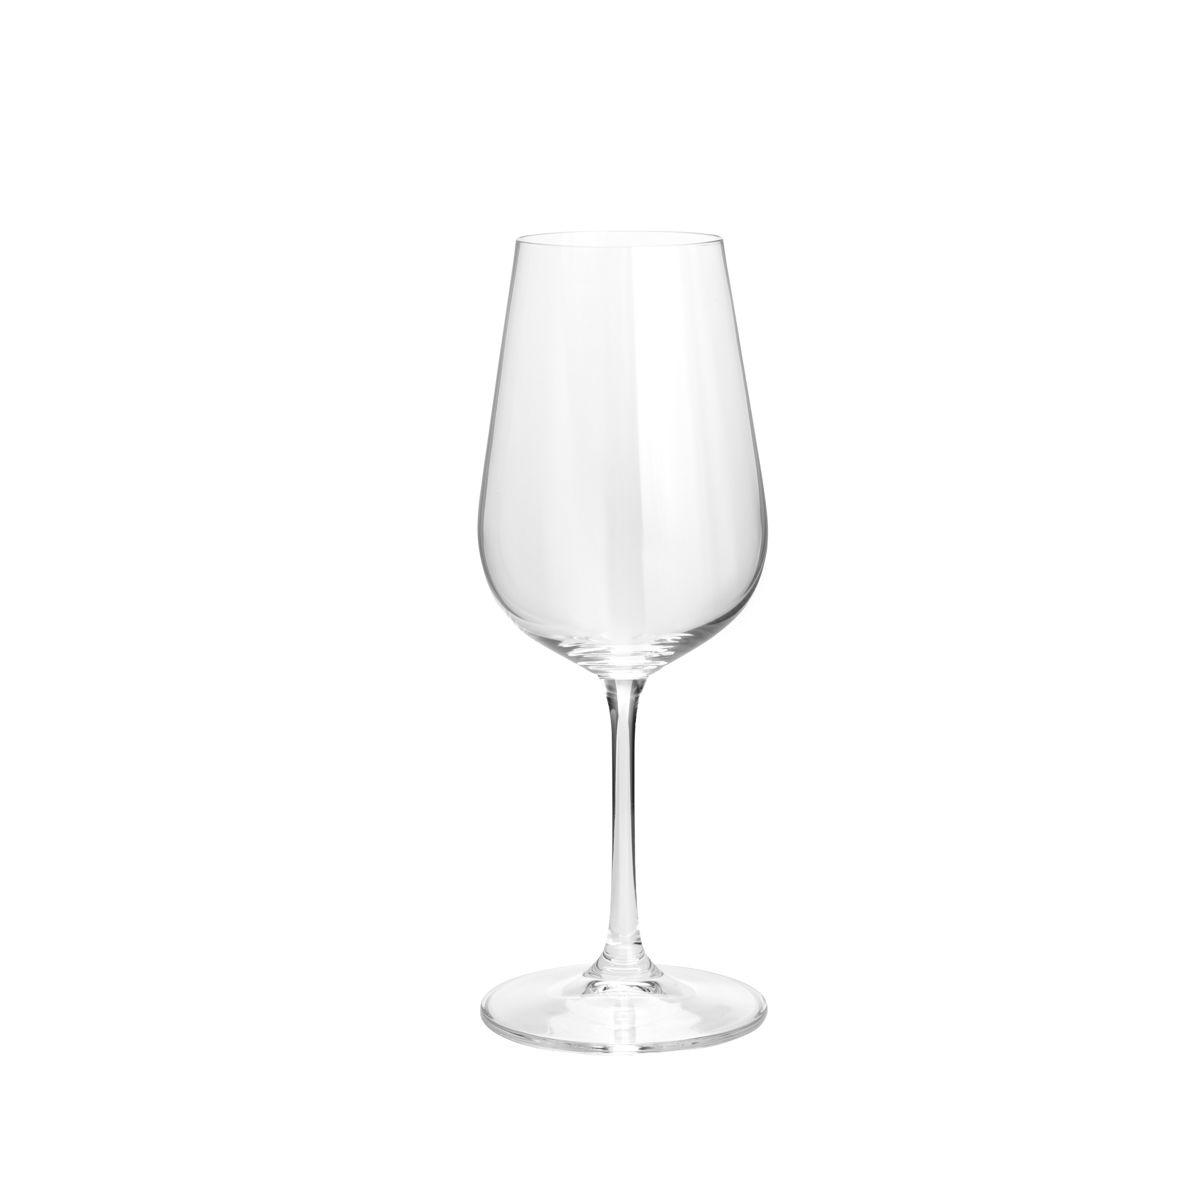 Jg 06 Taças p/ Vinho Branco Strix 360ml de Cristal Bohemia